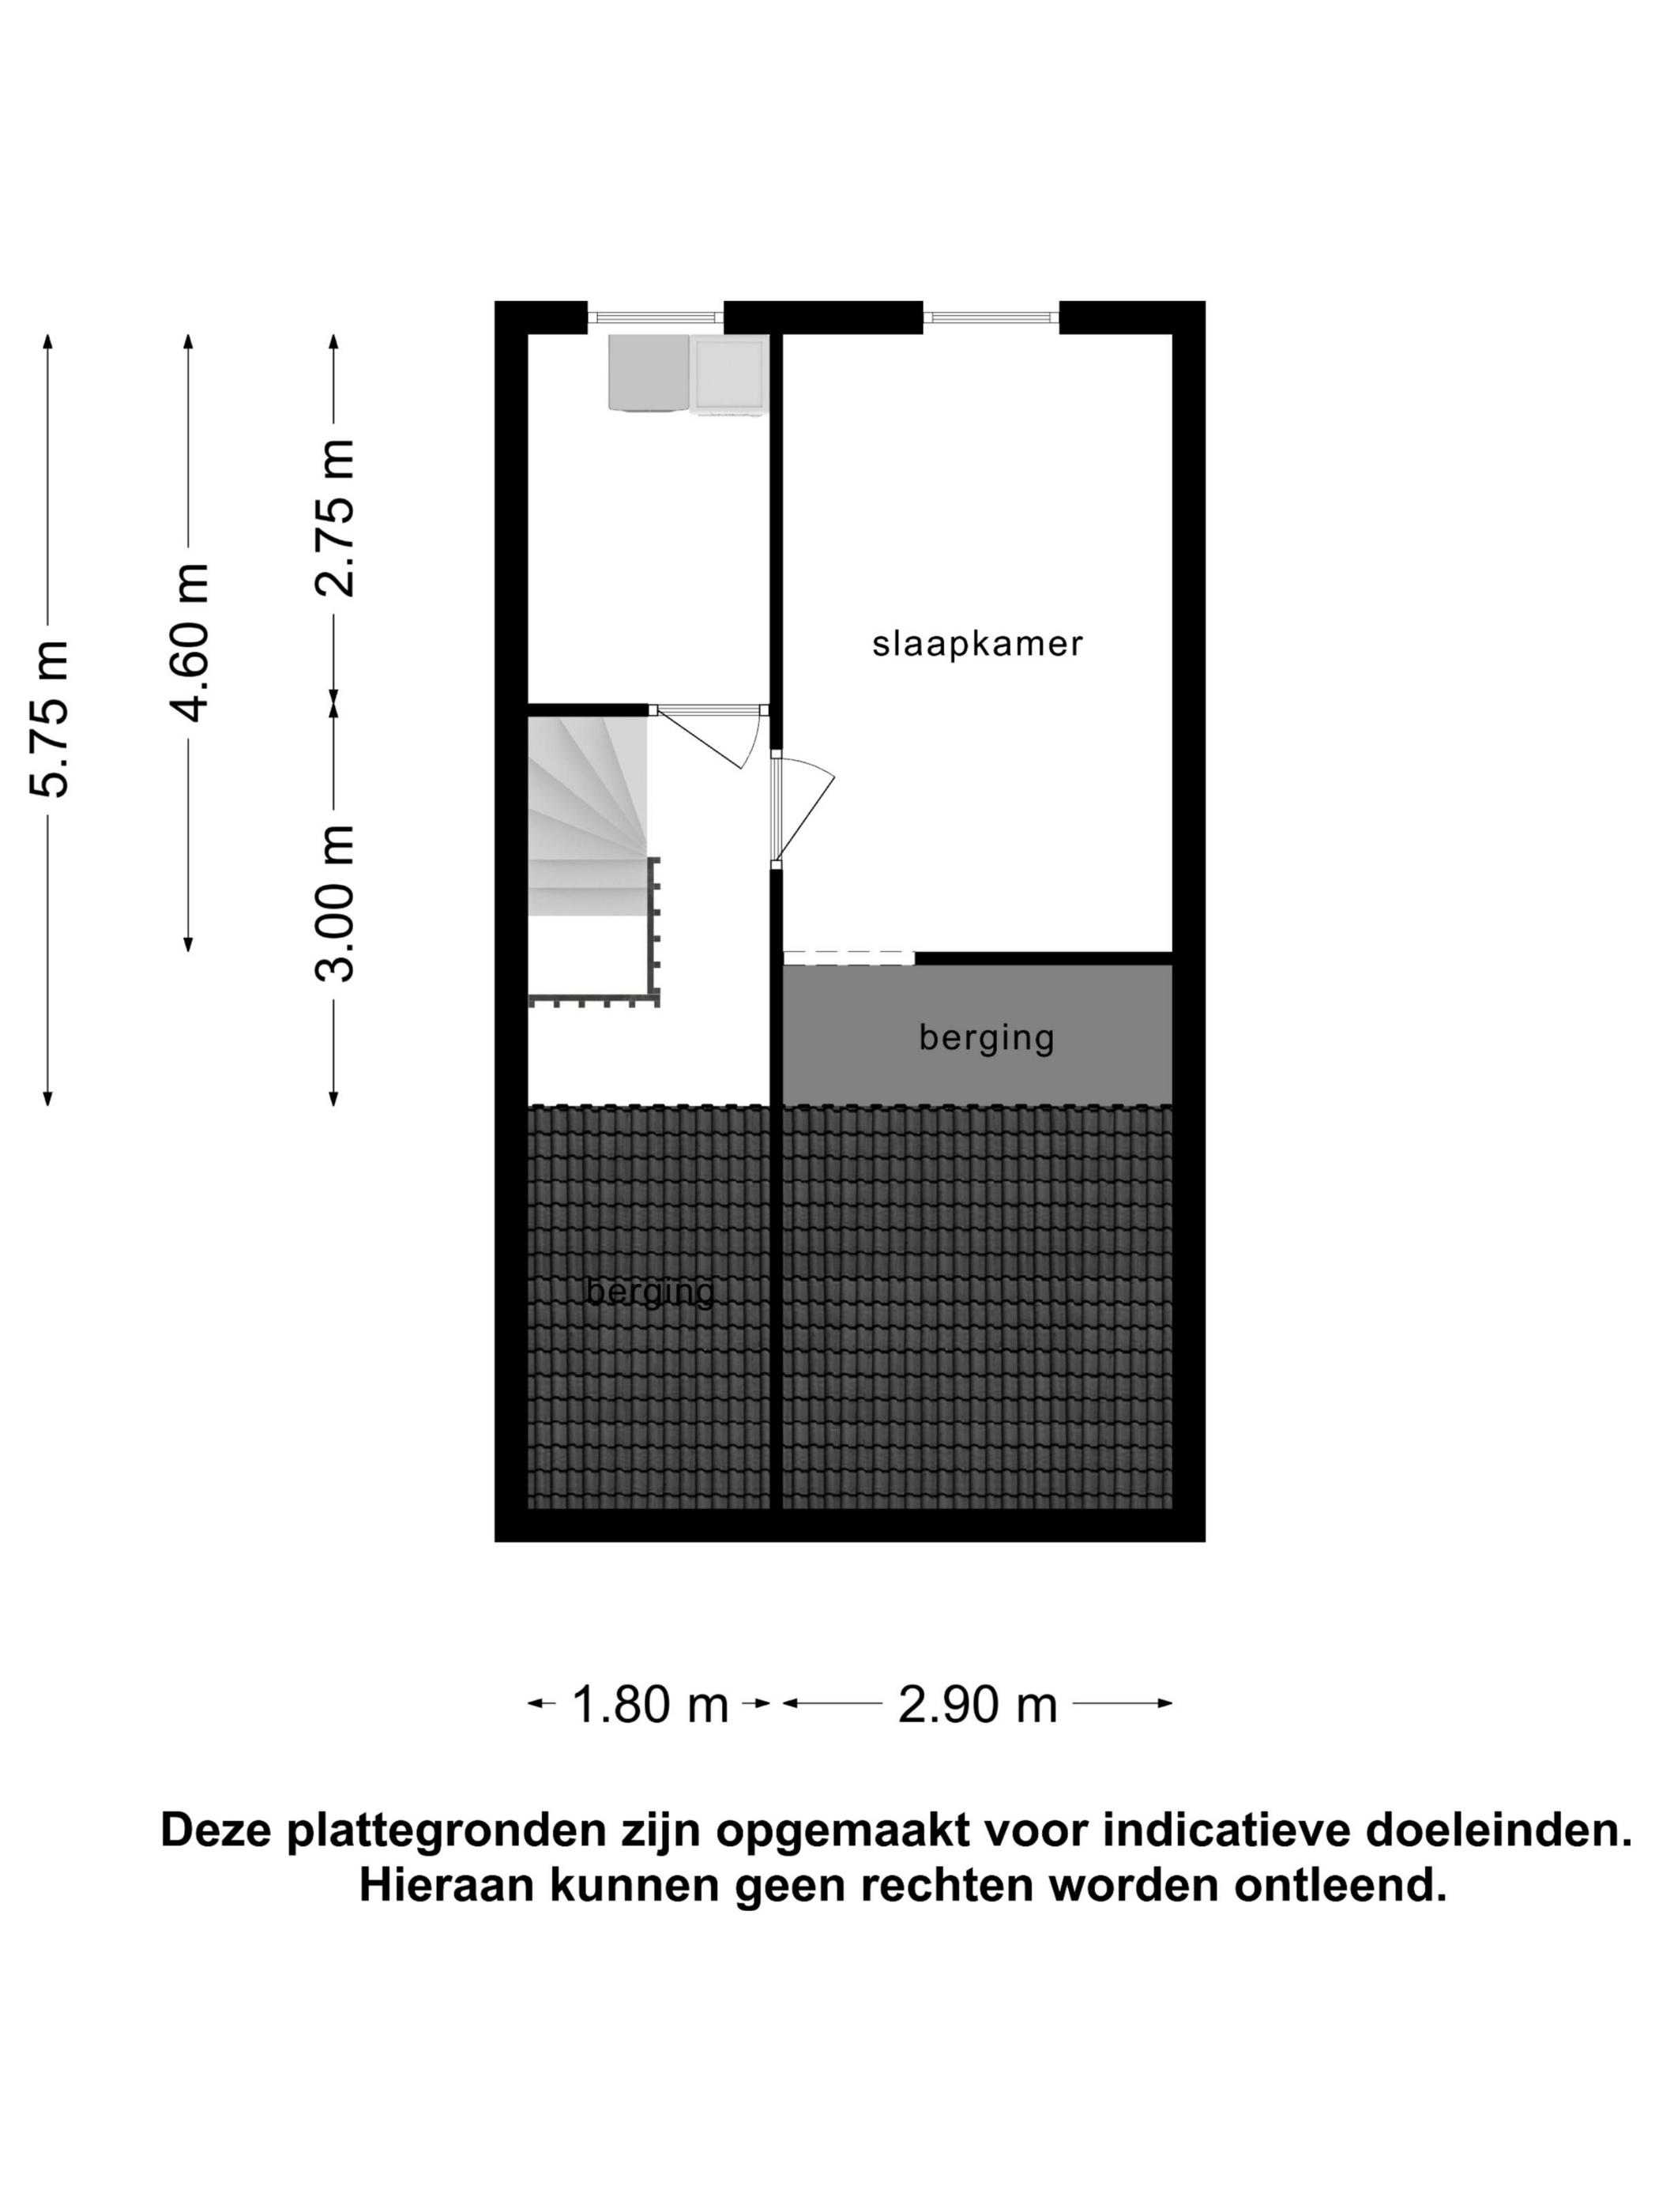 Tweede verdieping.